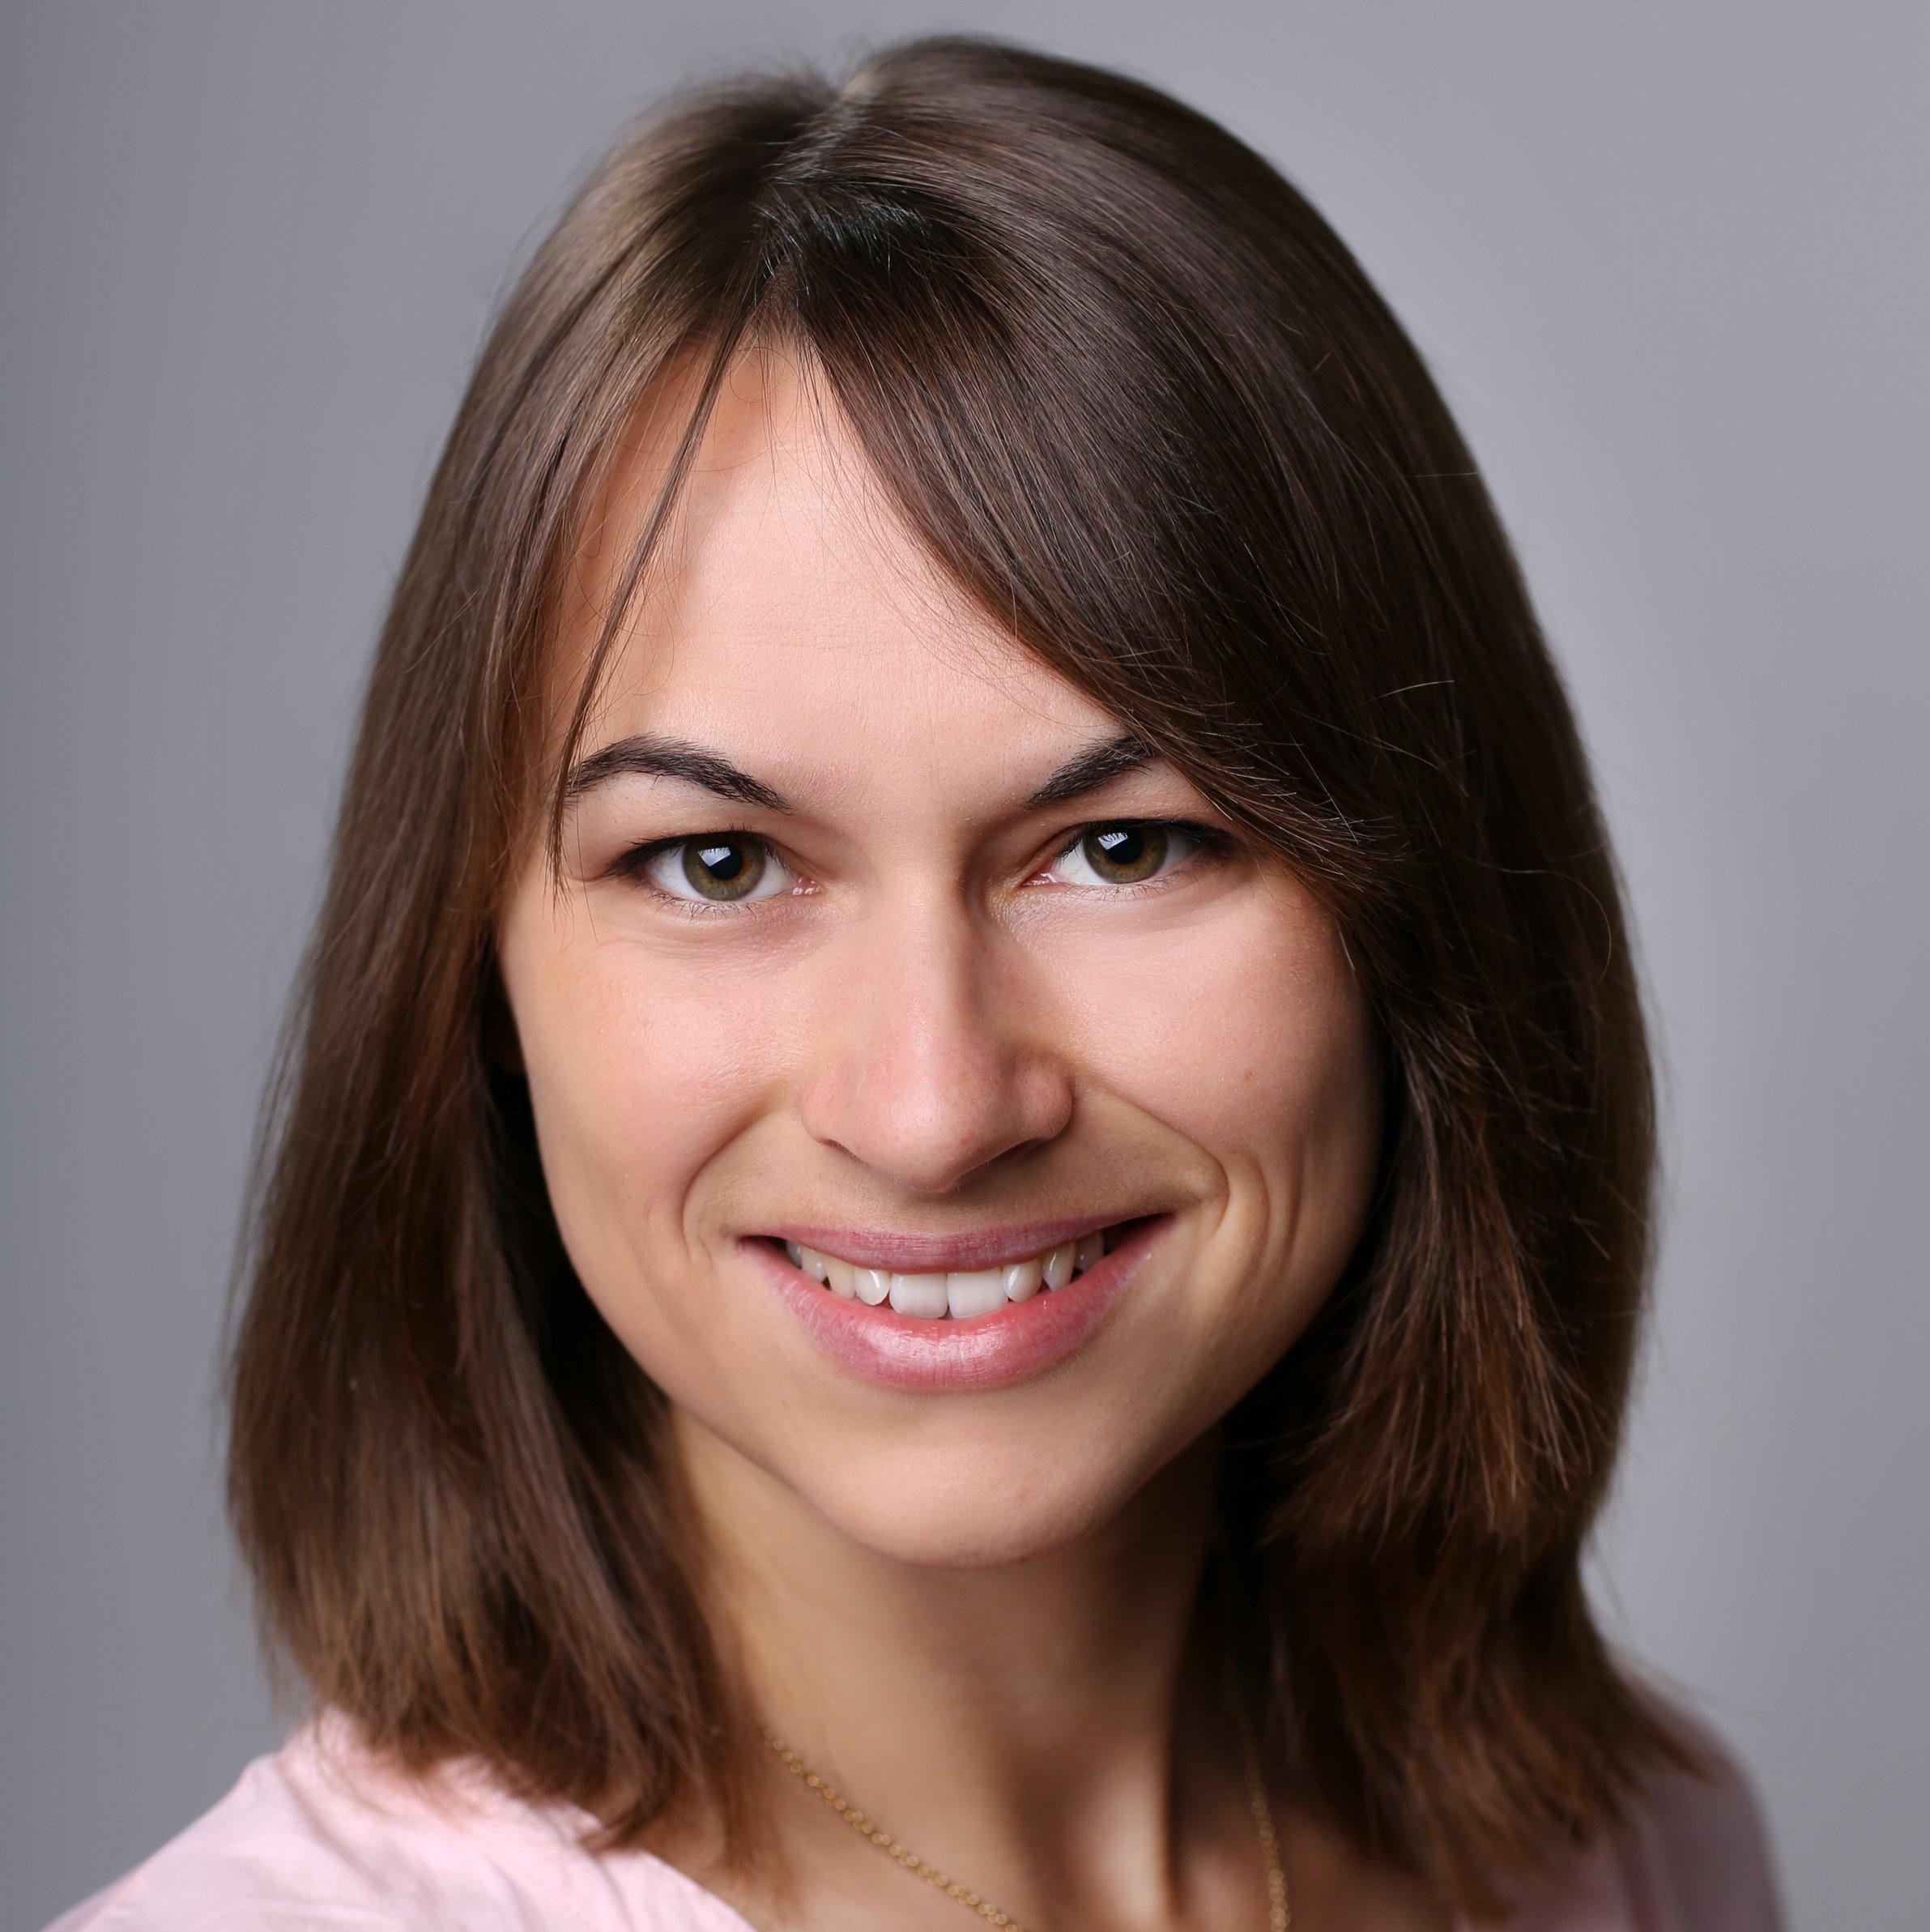 Holzki Portrait Foto (1)